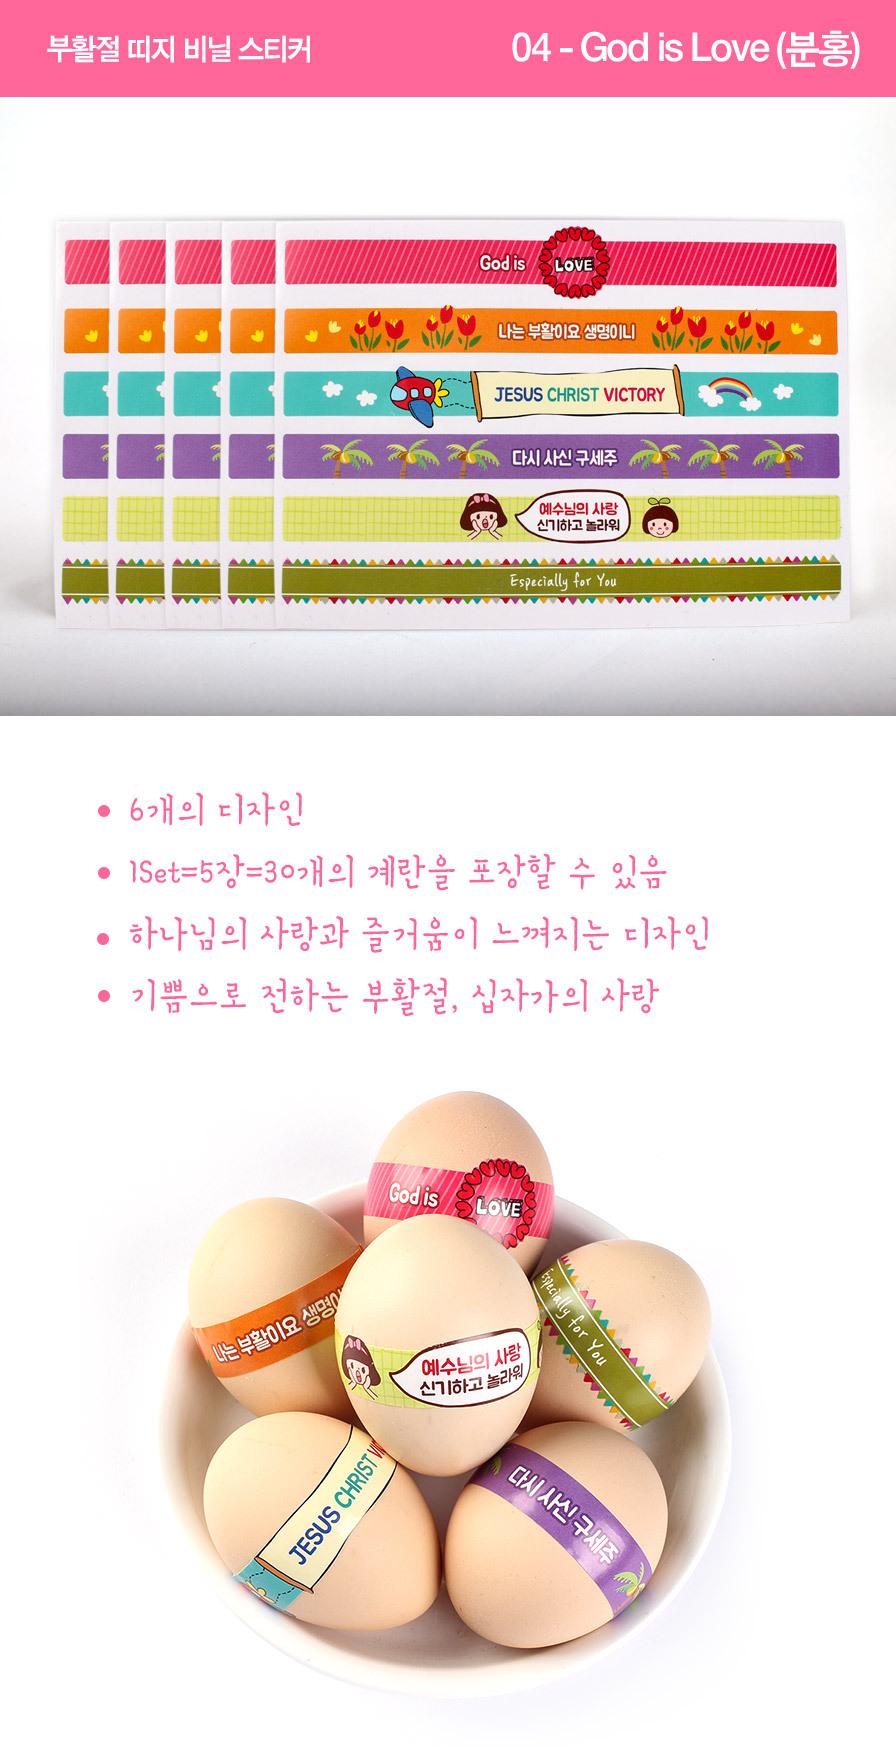 교회 부활절 달걀꾸미기 띠지스티커 4번 분홍 (갓이즈럽) 1세트에는 6개의 사랑스러운 디자인 스티커 5장이 들어 있어 계란 한 판, 30개의 계란을 포장할 수 있어요